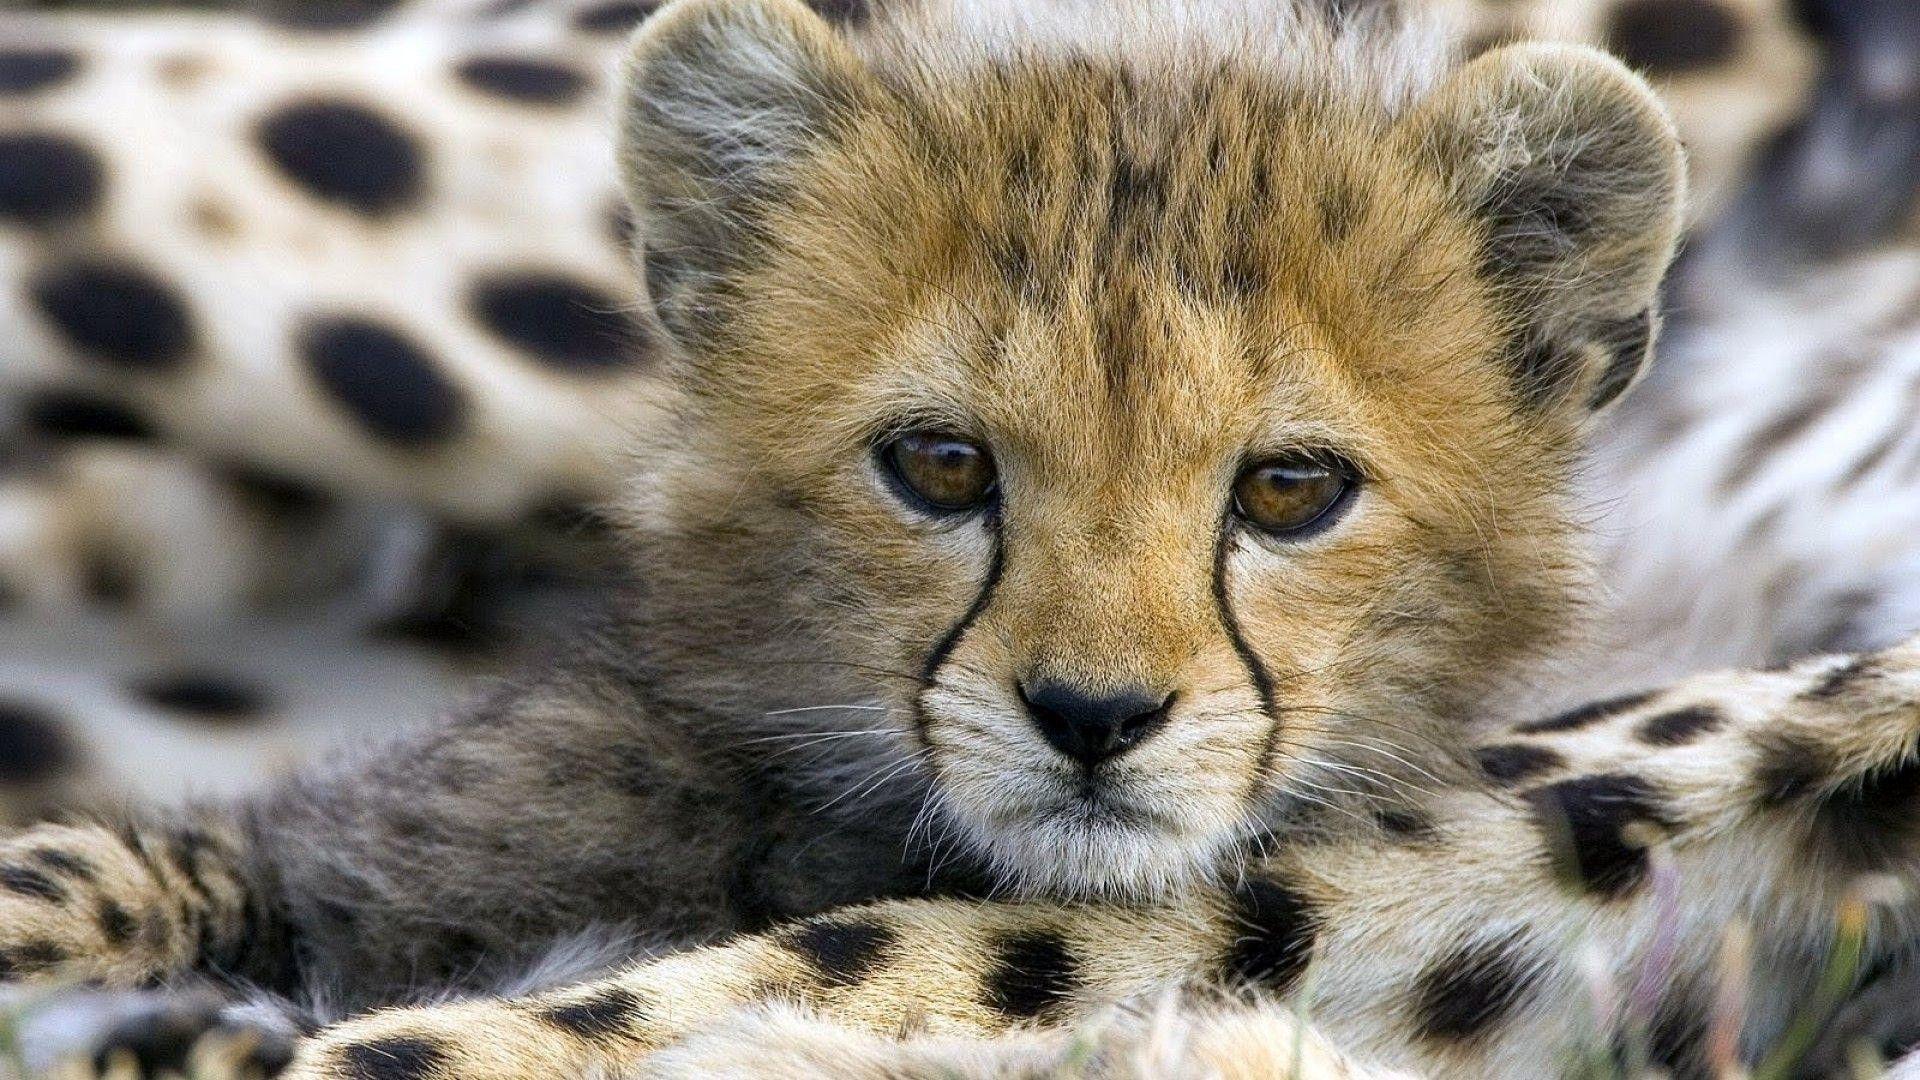 photos of cheeta